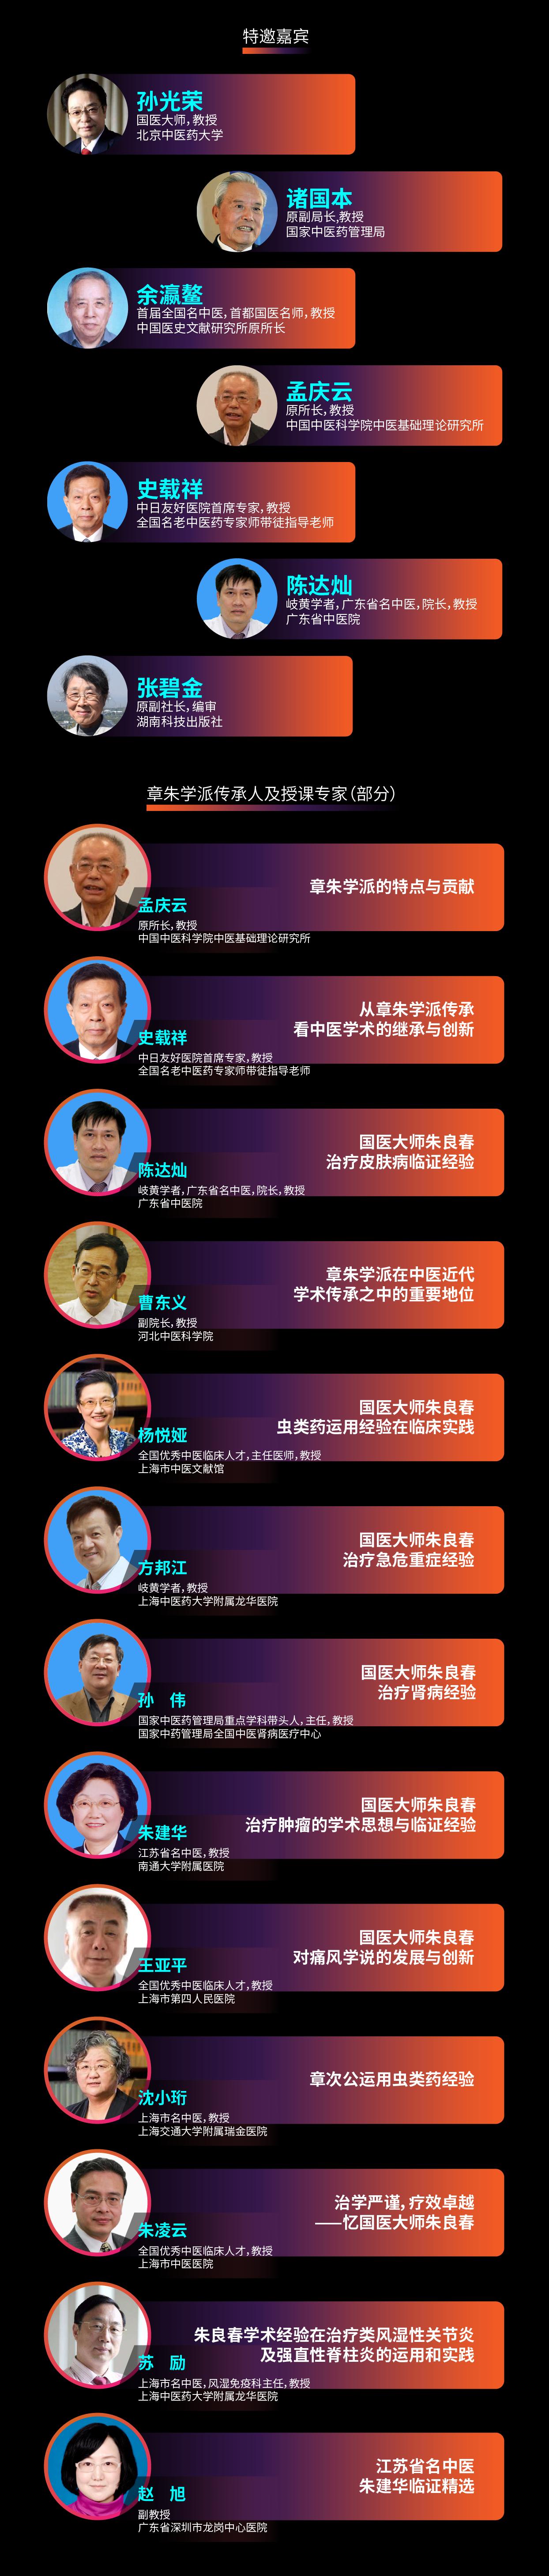 2019章朱学派学术思想及临症经验传承研讨班(10月上海班)